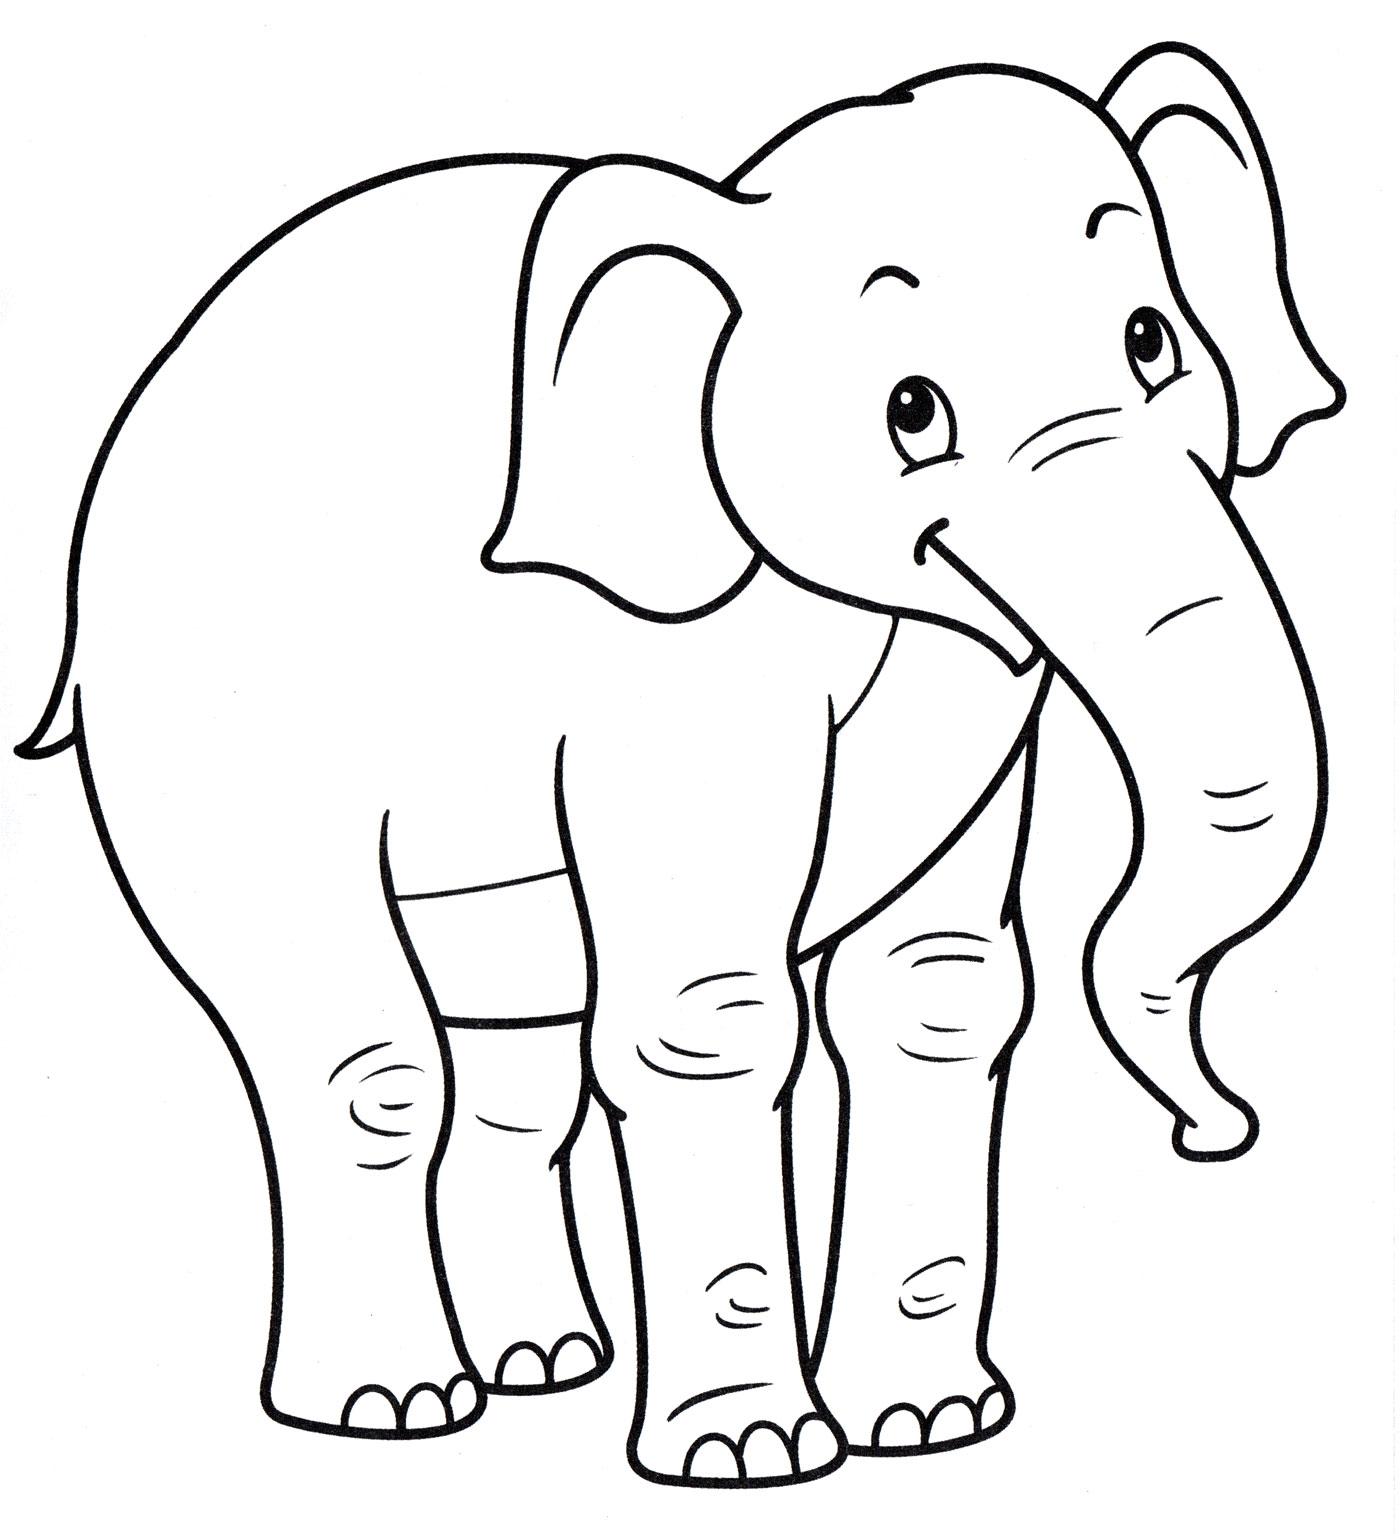 Раскраска Радостный слон - распечатать бесплатно